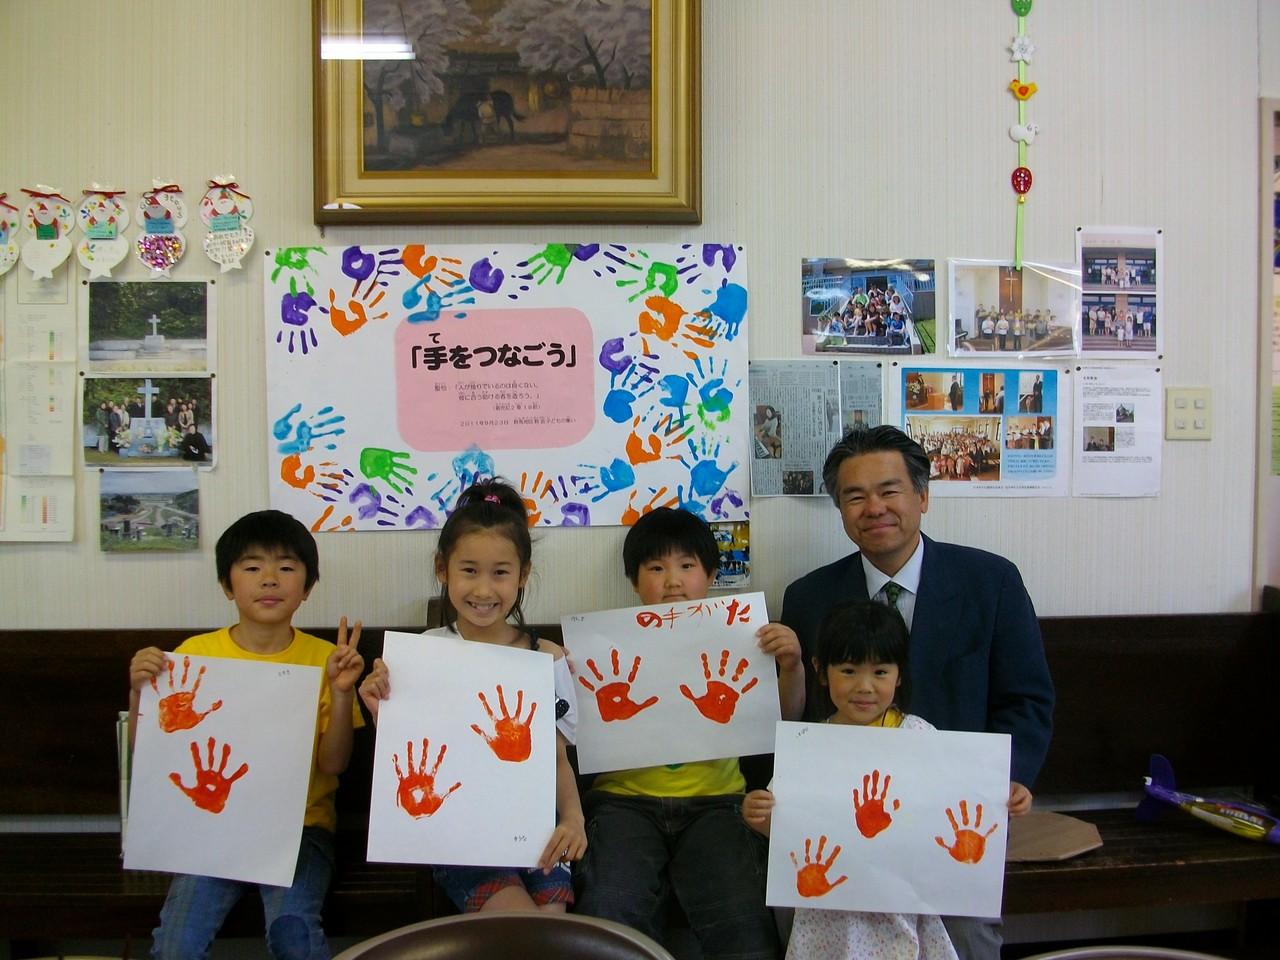 震災のため沢山の応援ありがとうございました